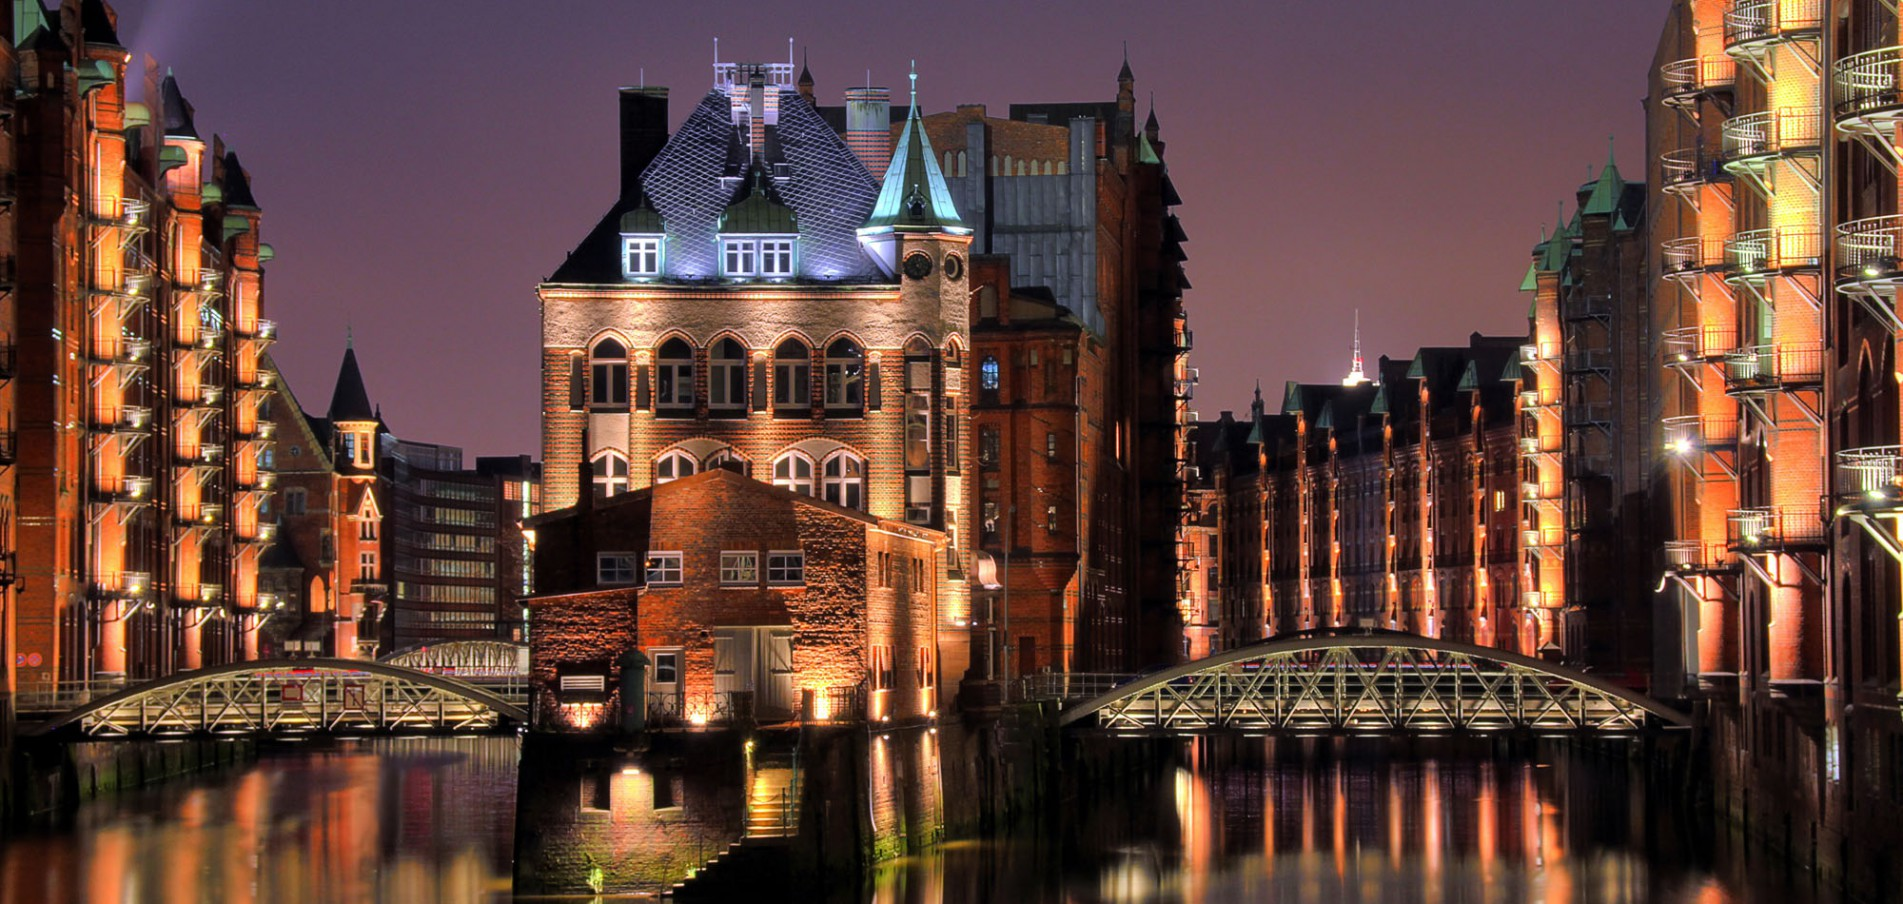 Die historische Speicherstadt ... seit Juli 2015 Unsesco-Weltkulturerbe!